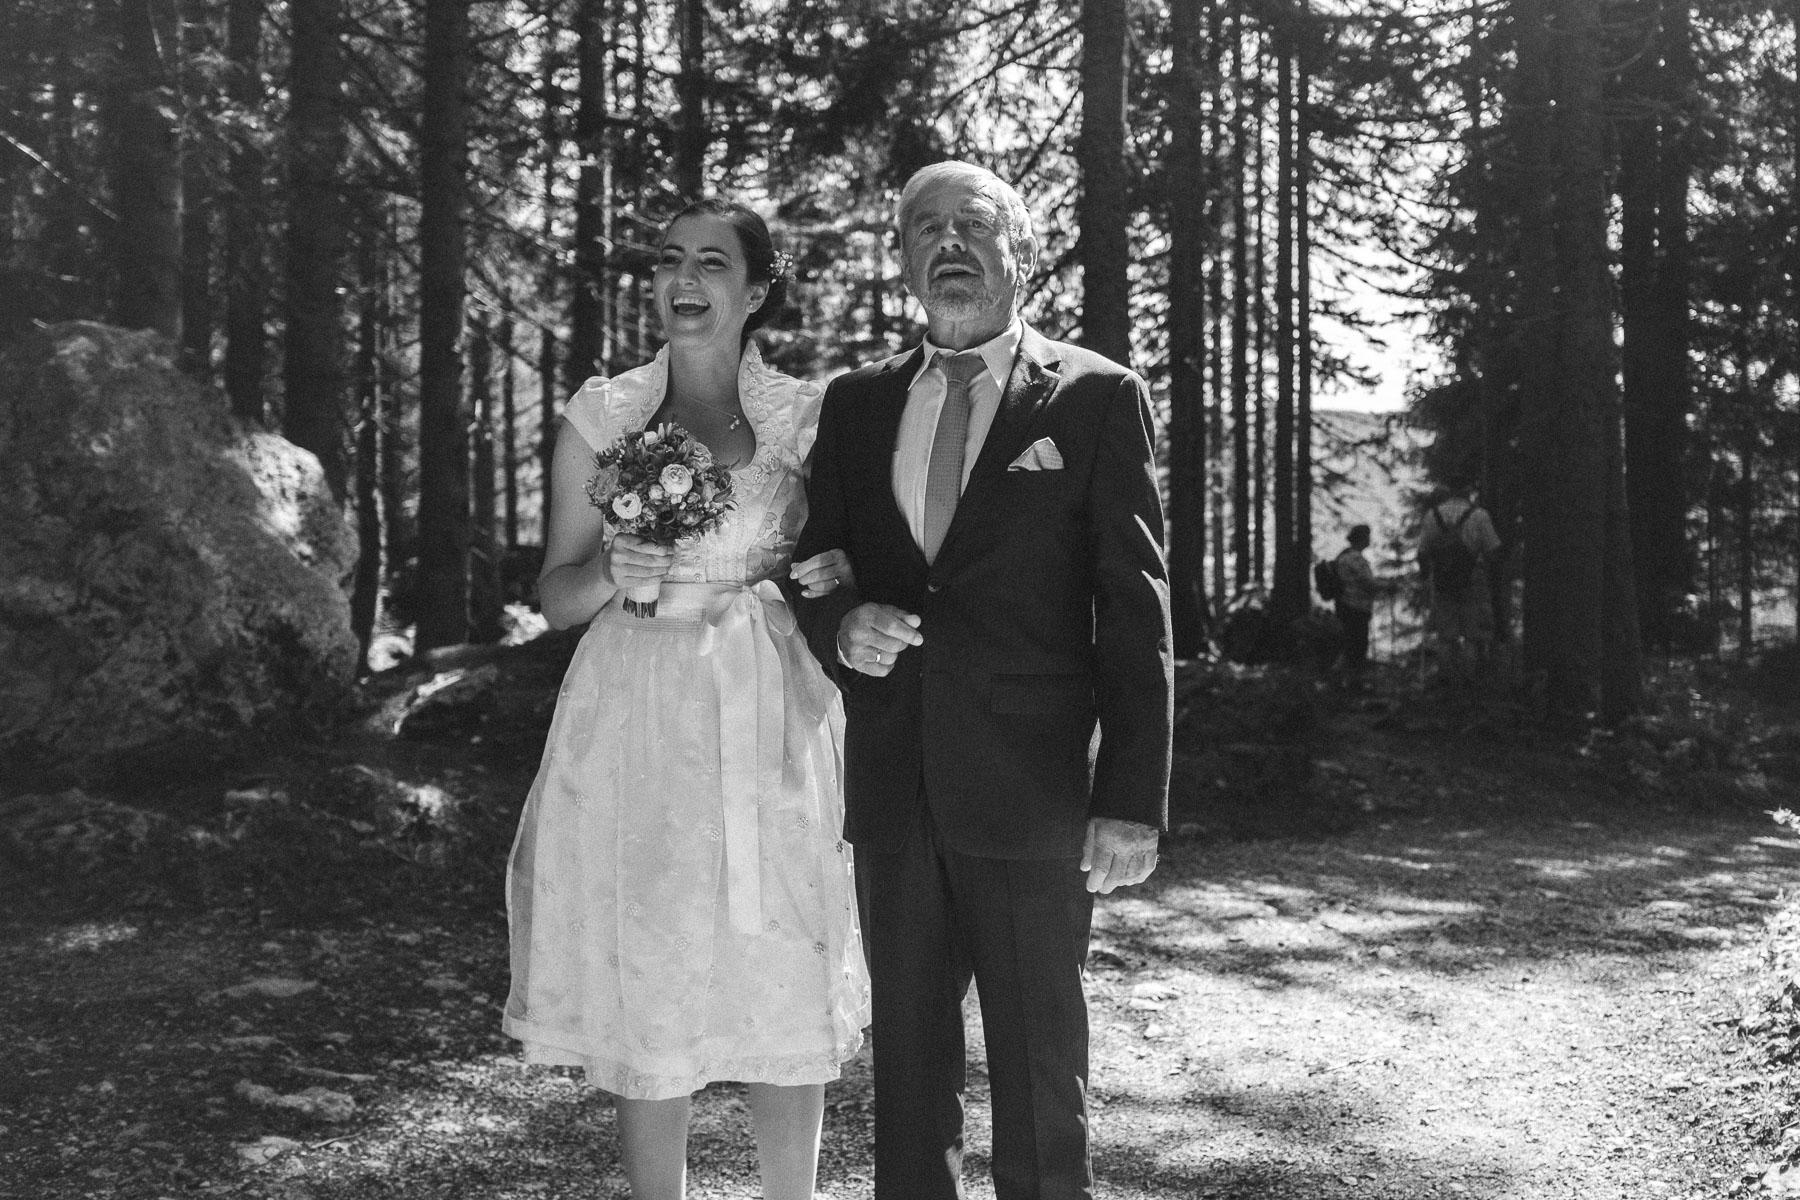 MartinLiebl_Hochzeitsfotograf_DPH_Blog_33.jpg